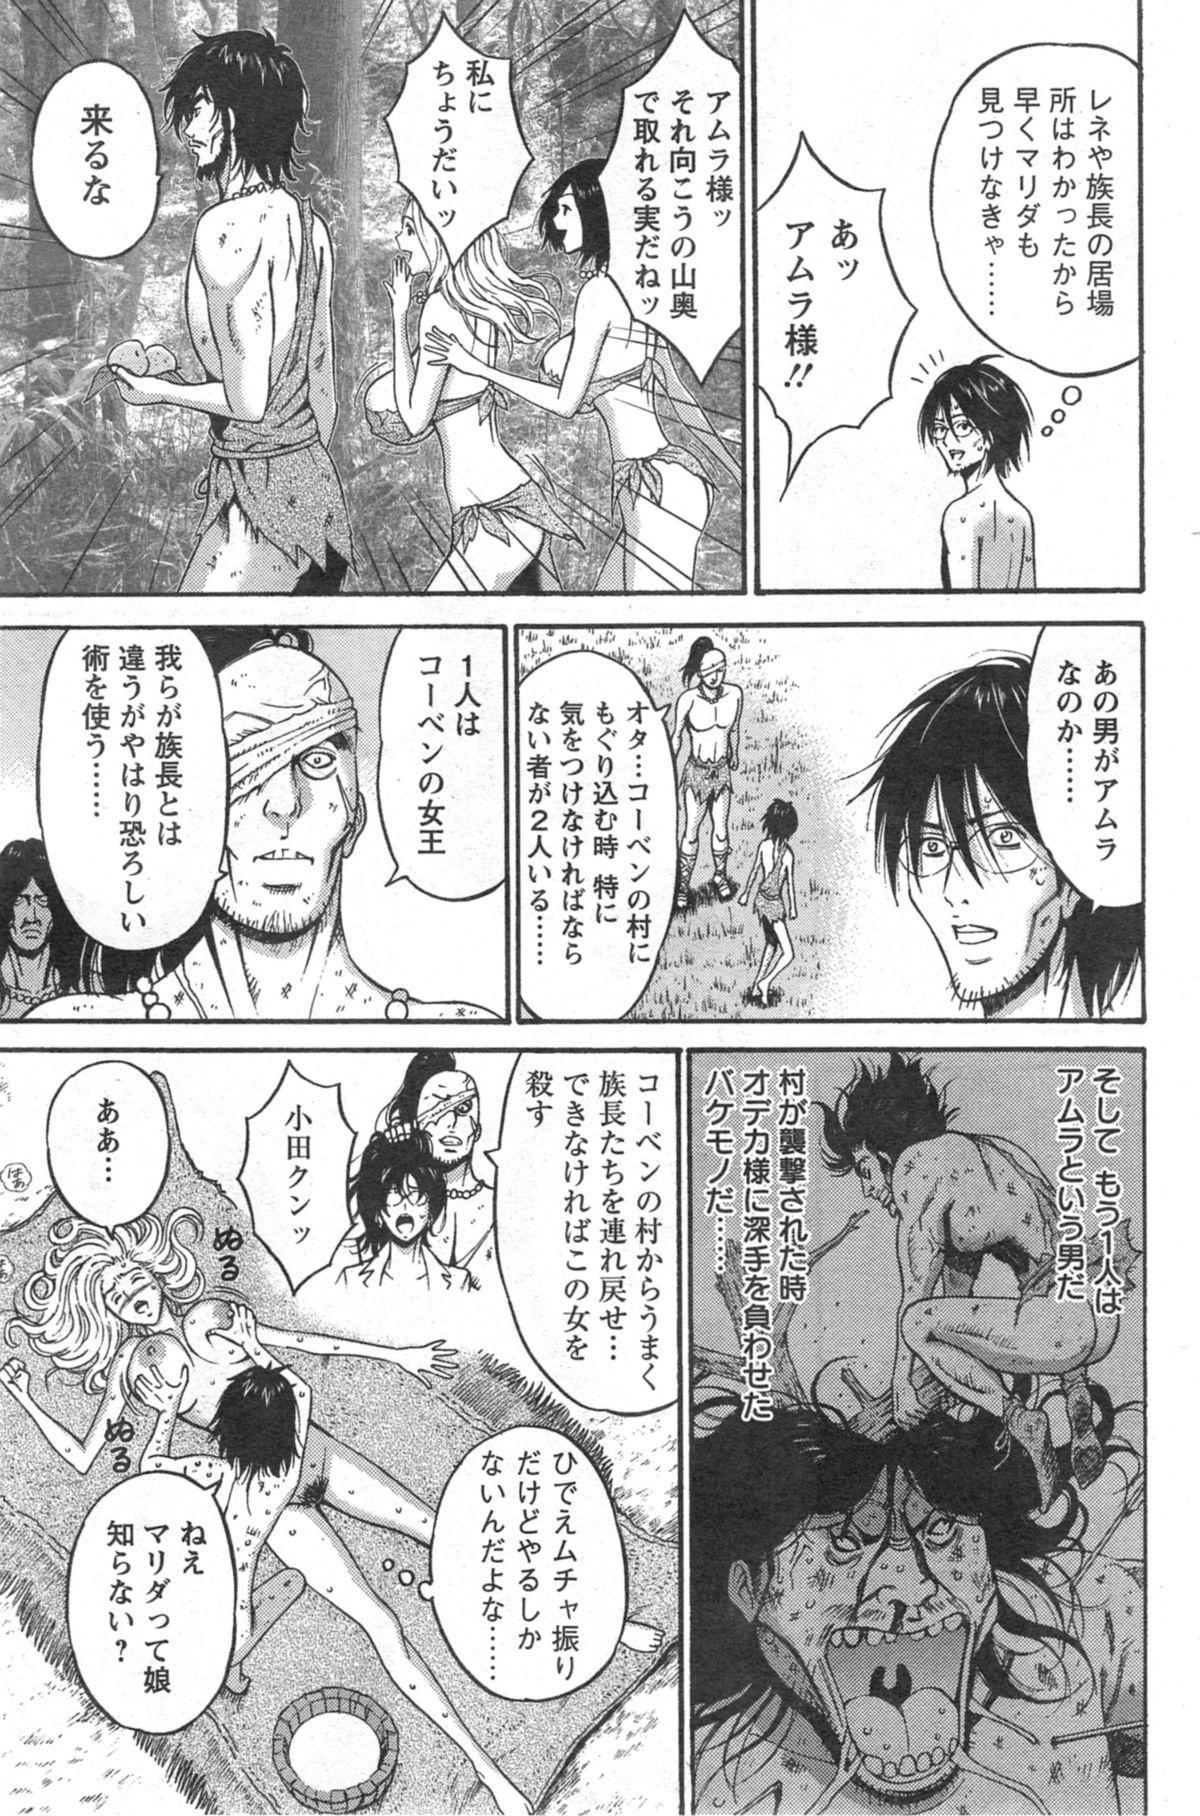 Kigenzen 10000 Nen no Ota Ch. 1-14 191